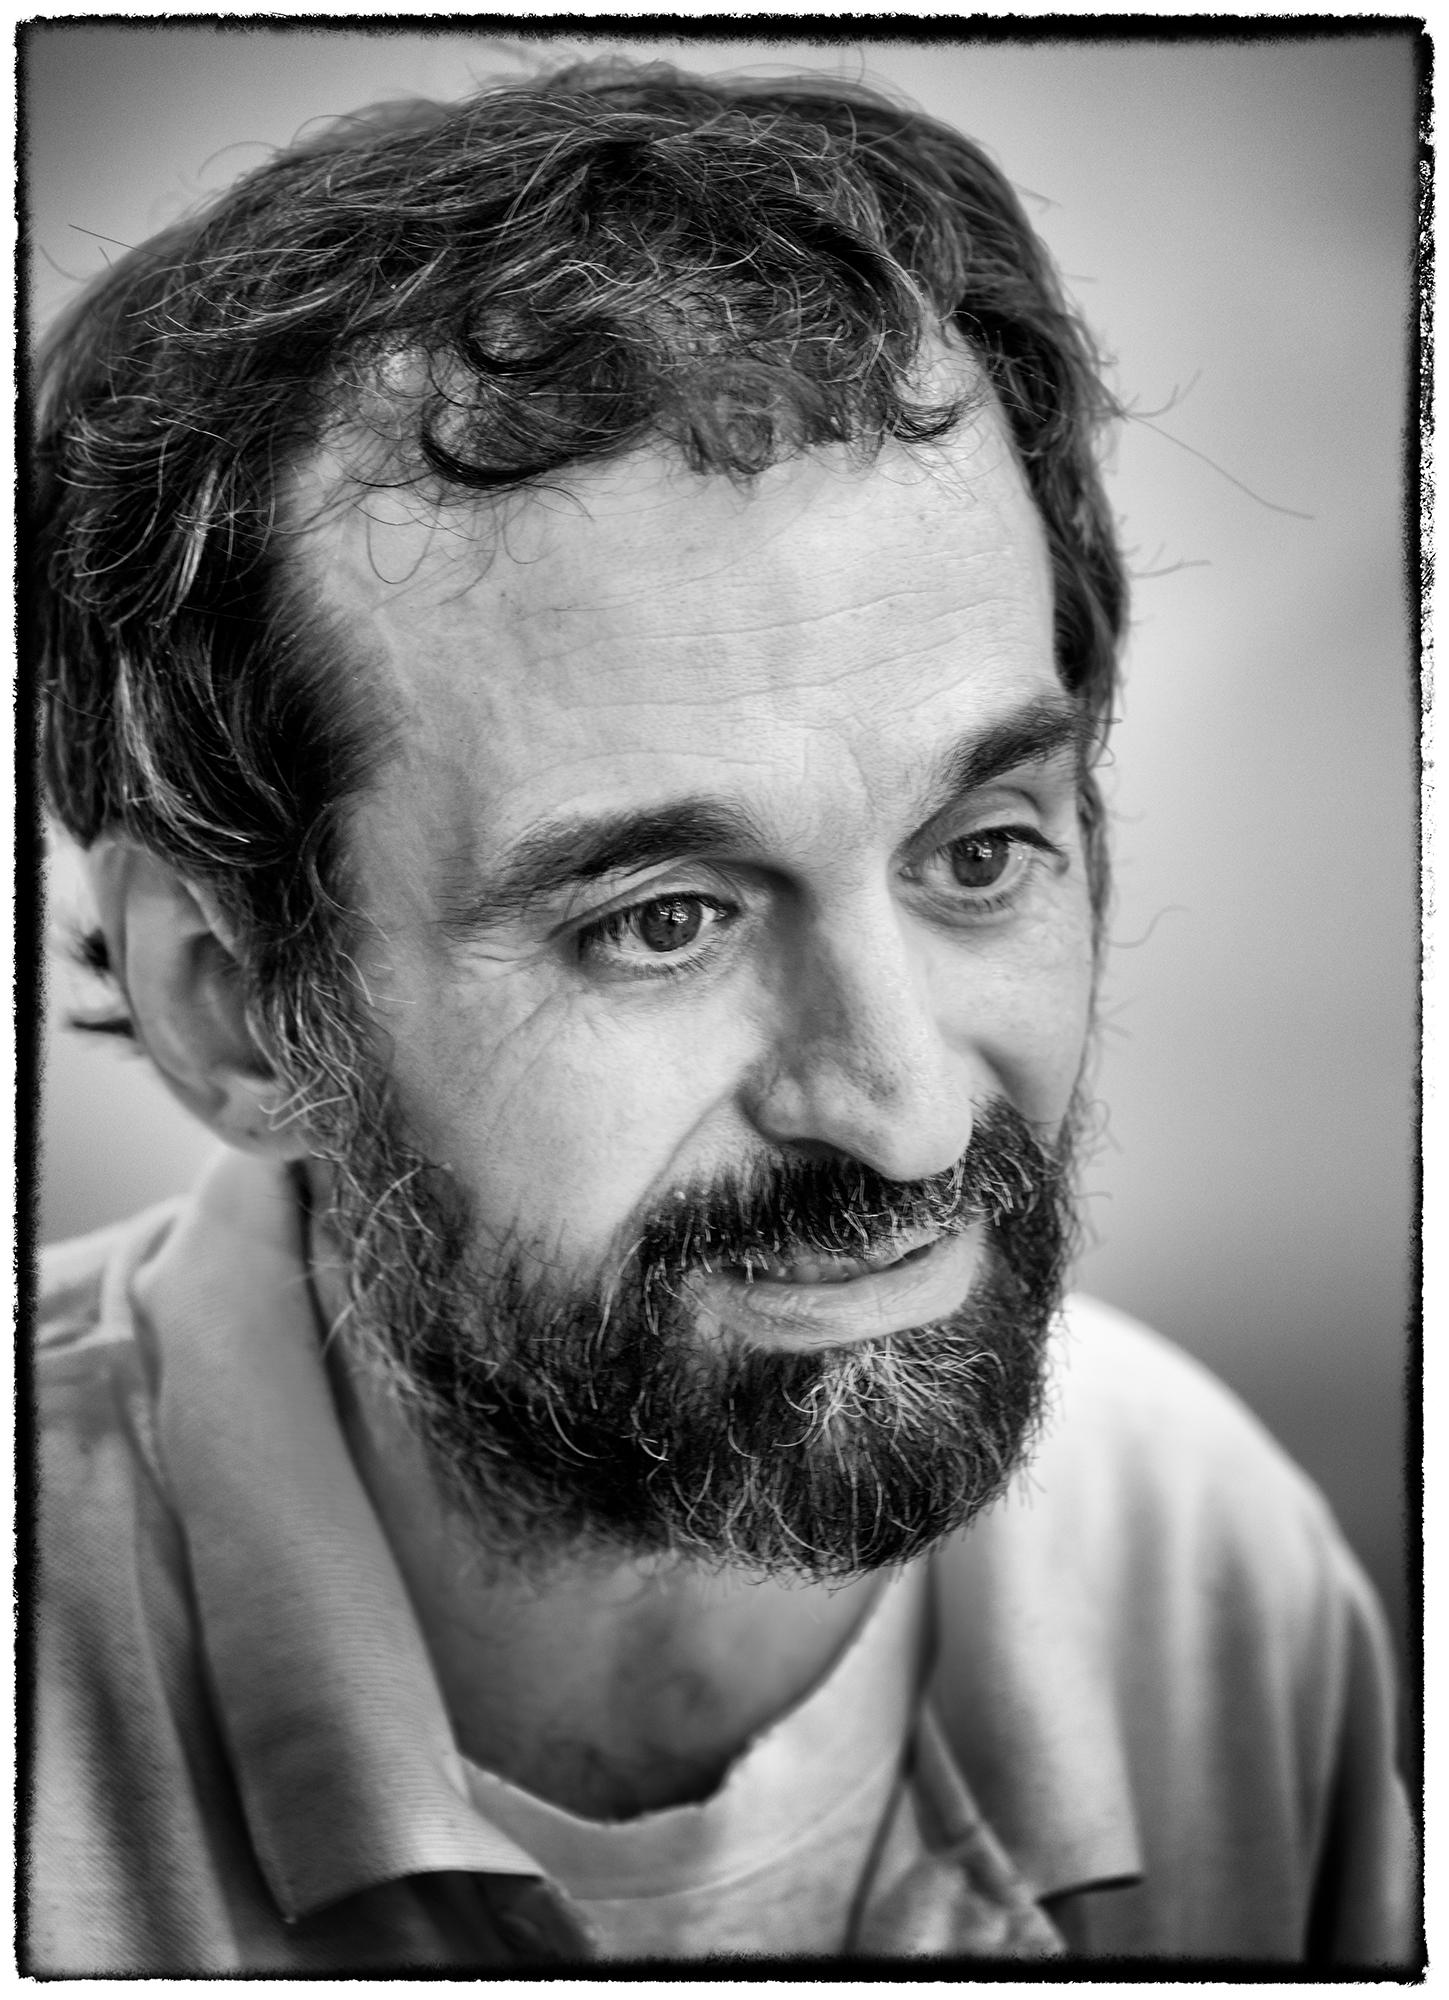 Daniel, Retrato. Barcelona, 2015